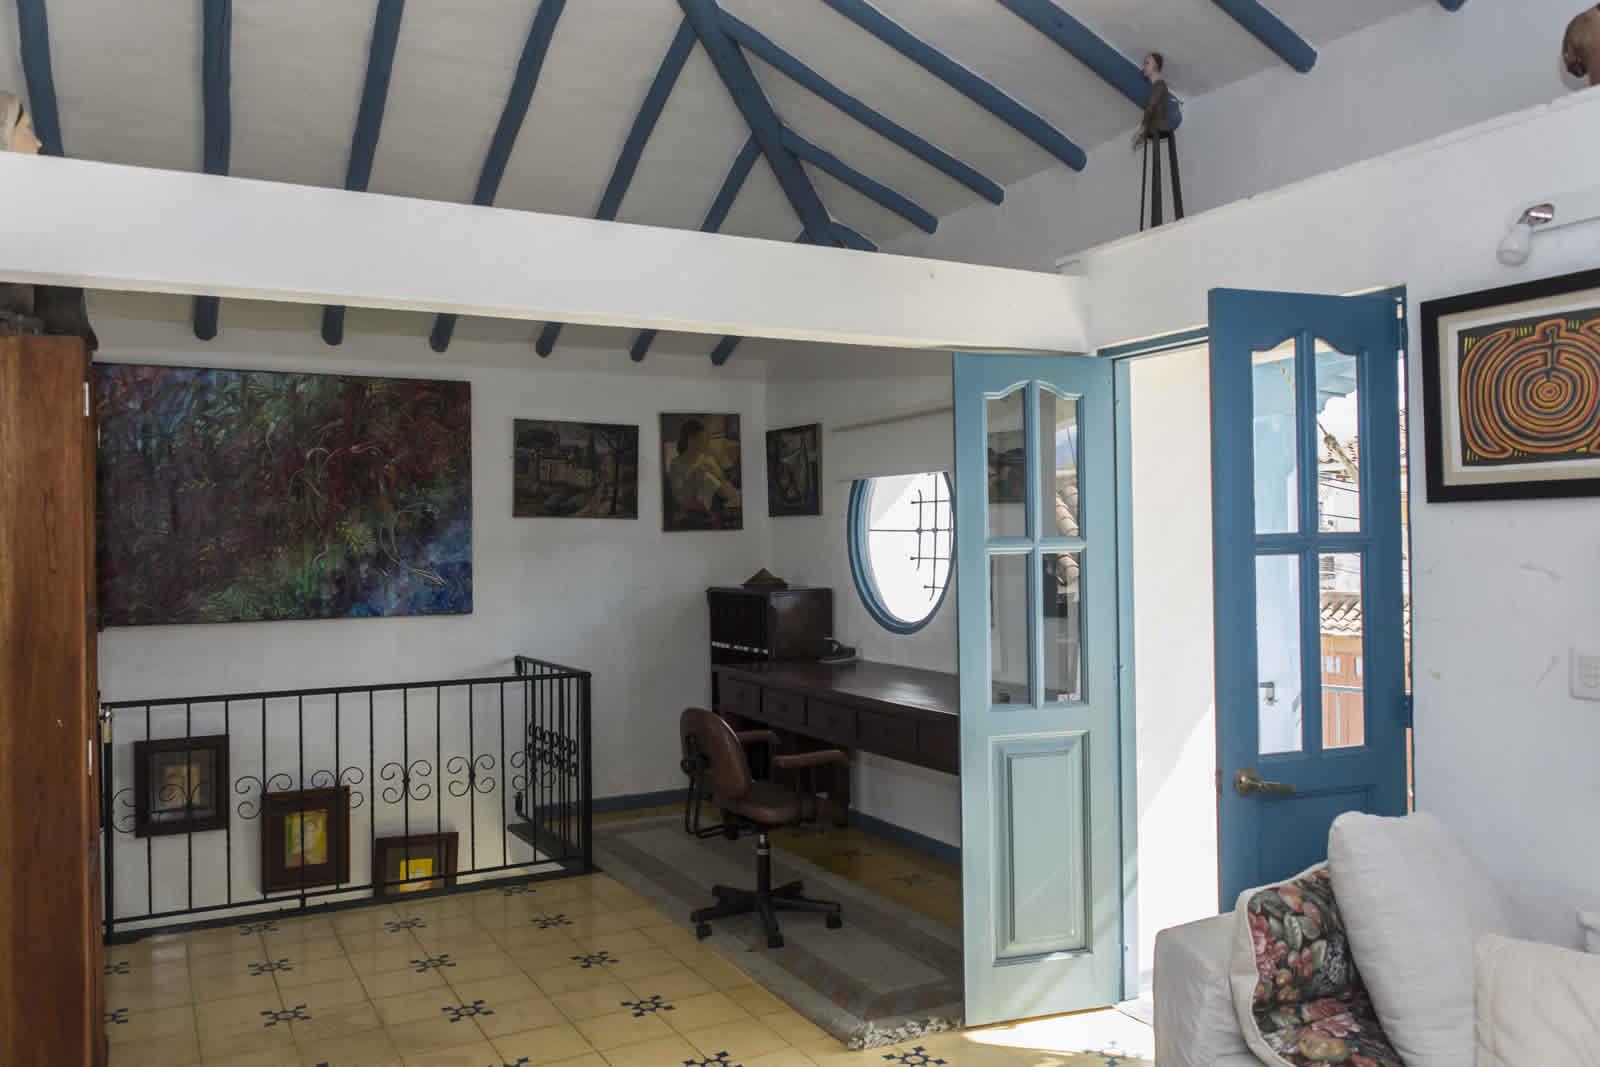 Alquiler casa Tulato Villa de Leyva estudio